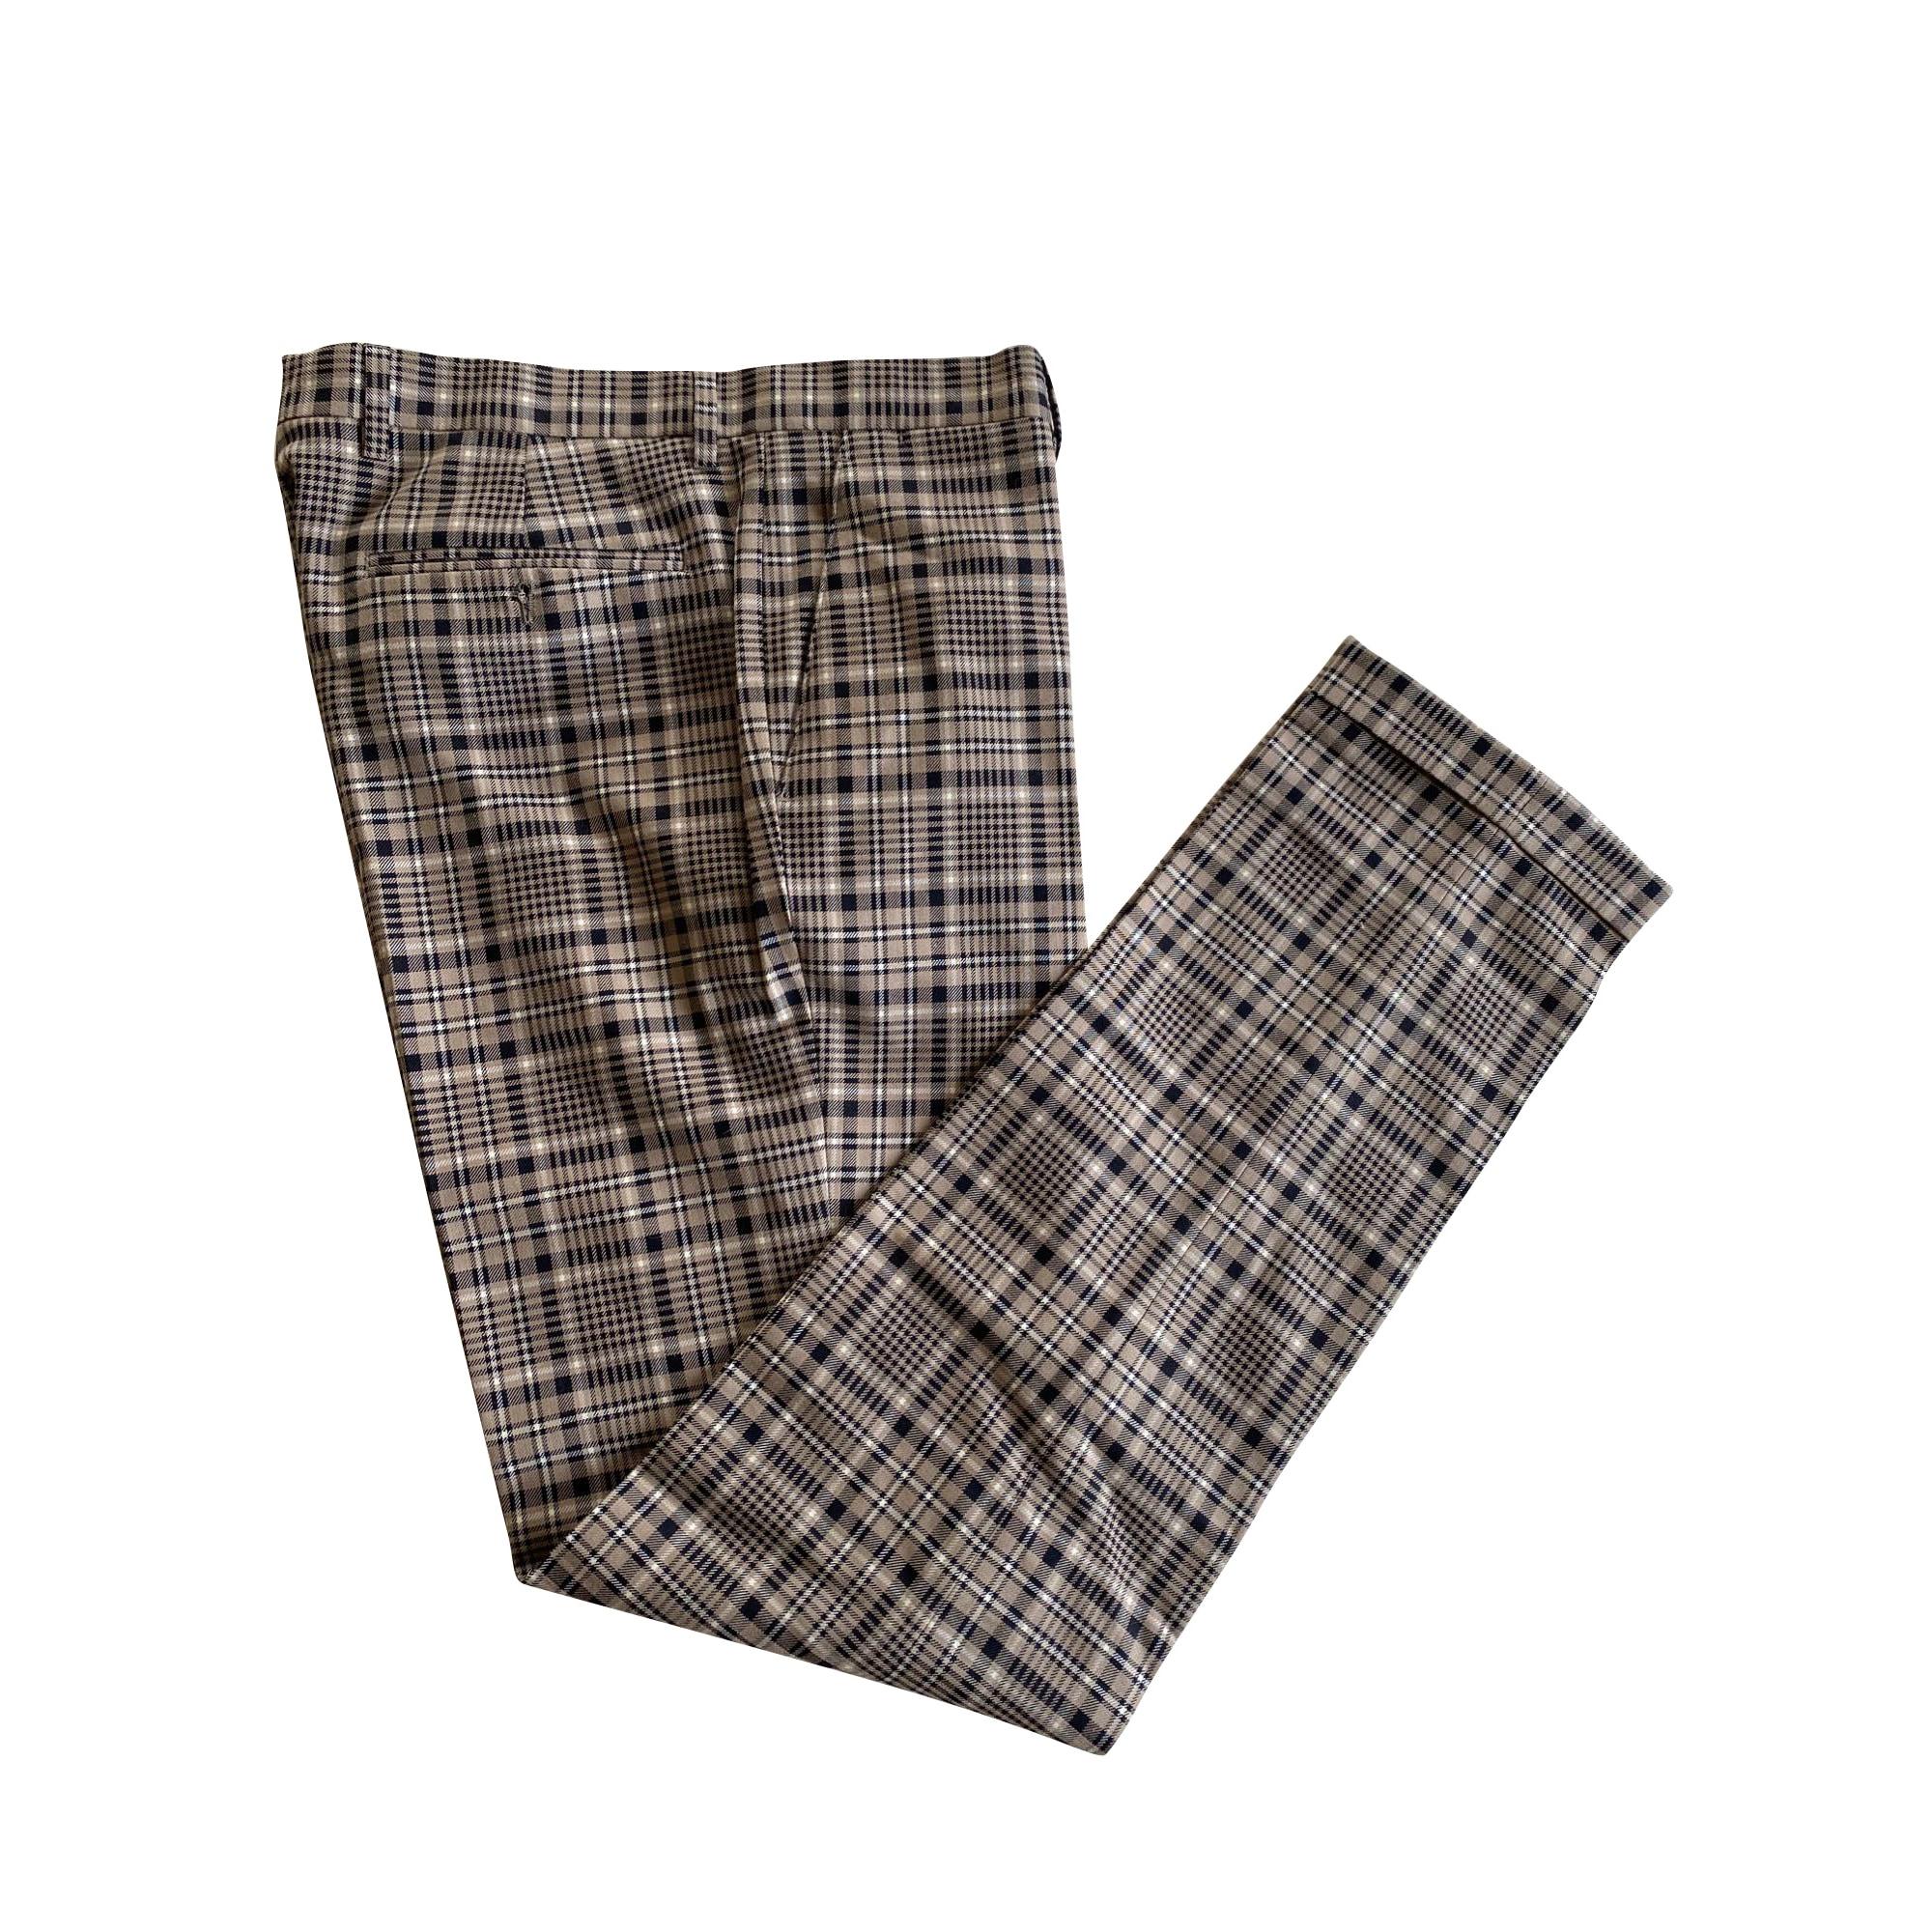 Pantalon droit ETRO Beige, camel